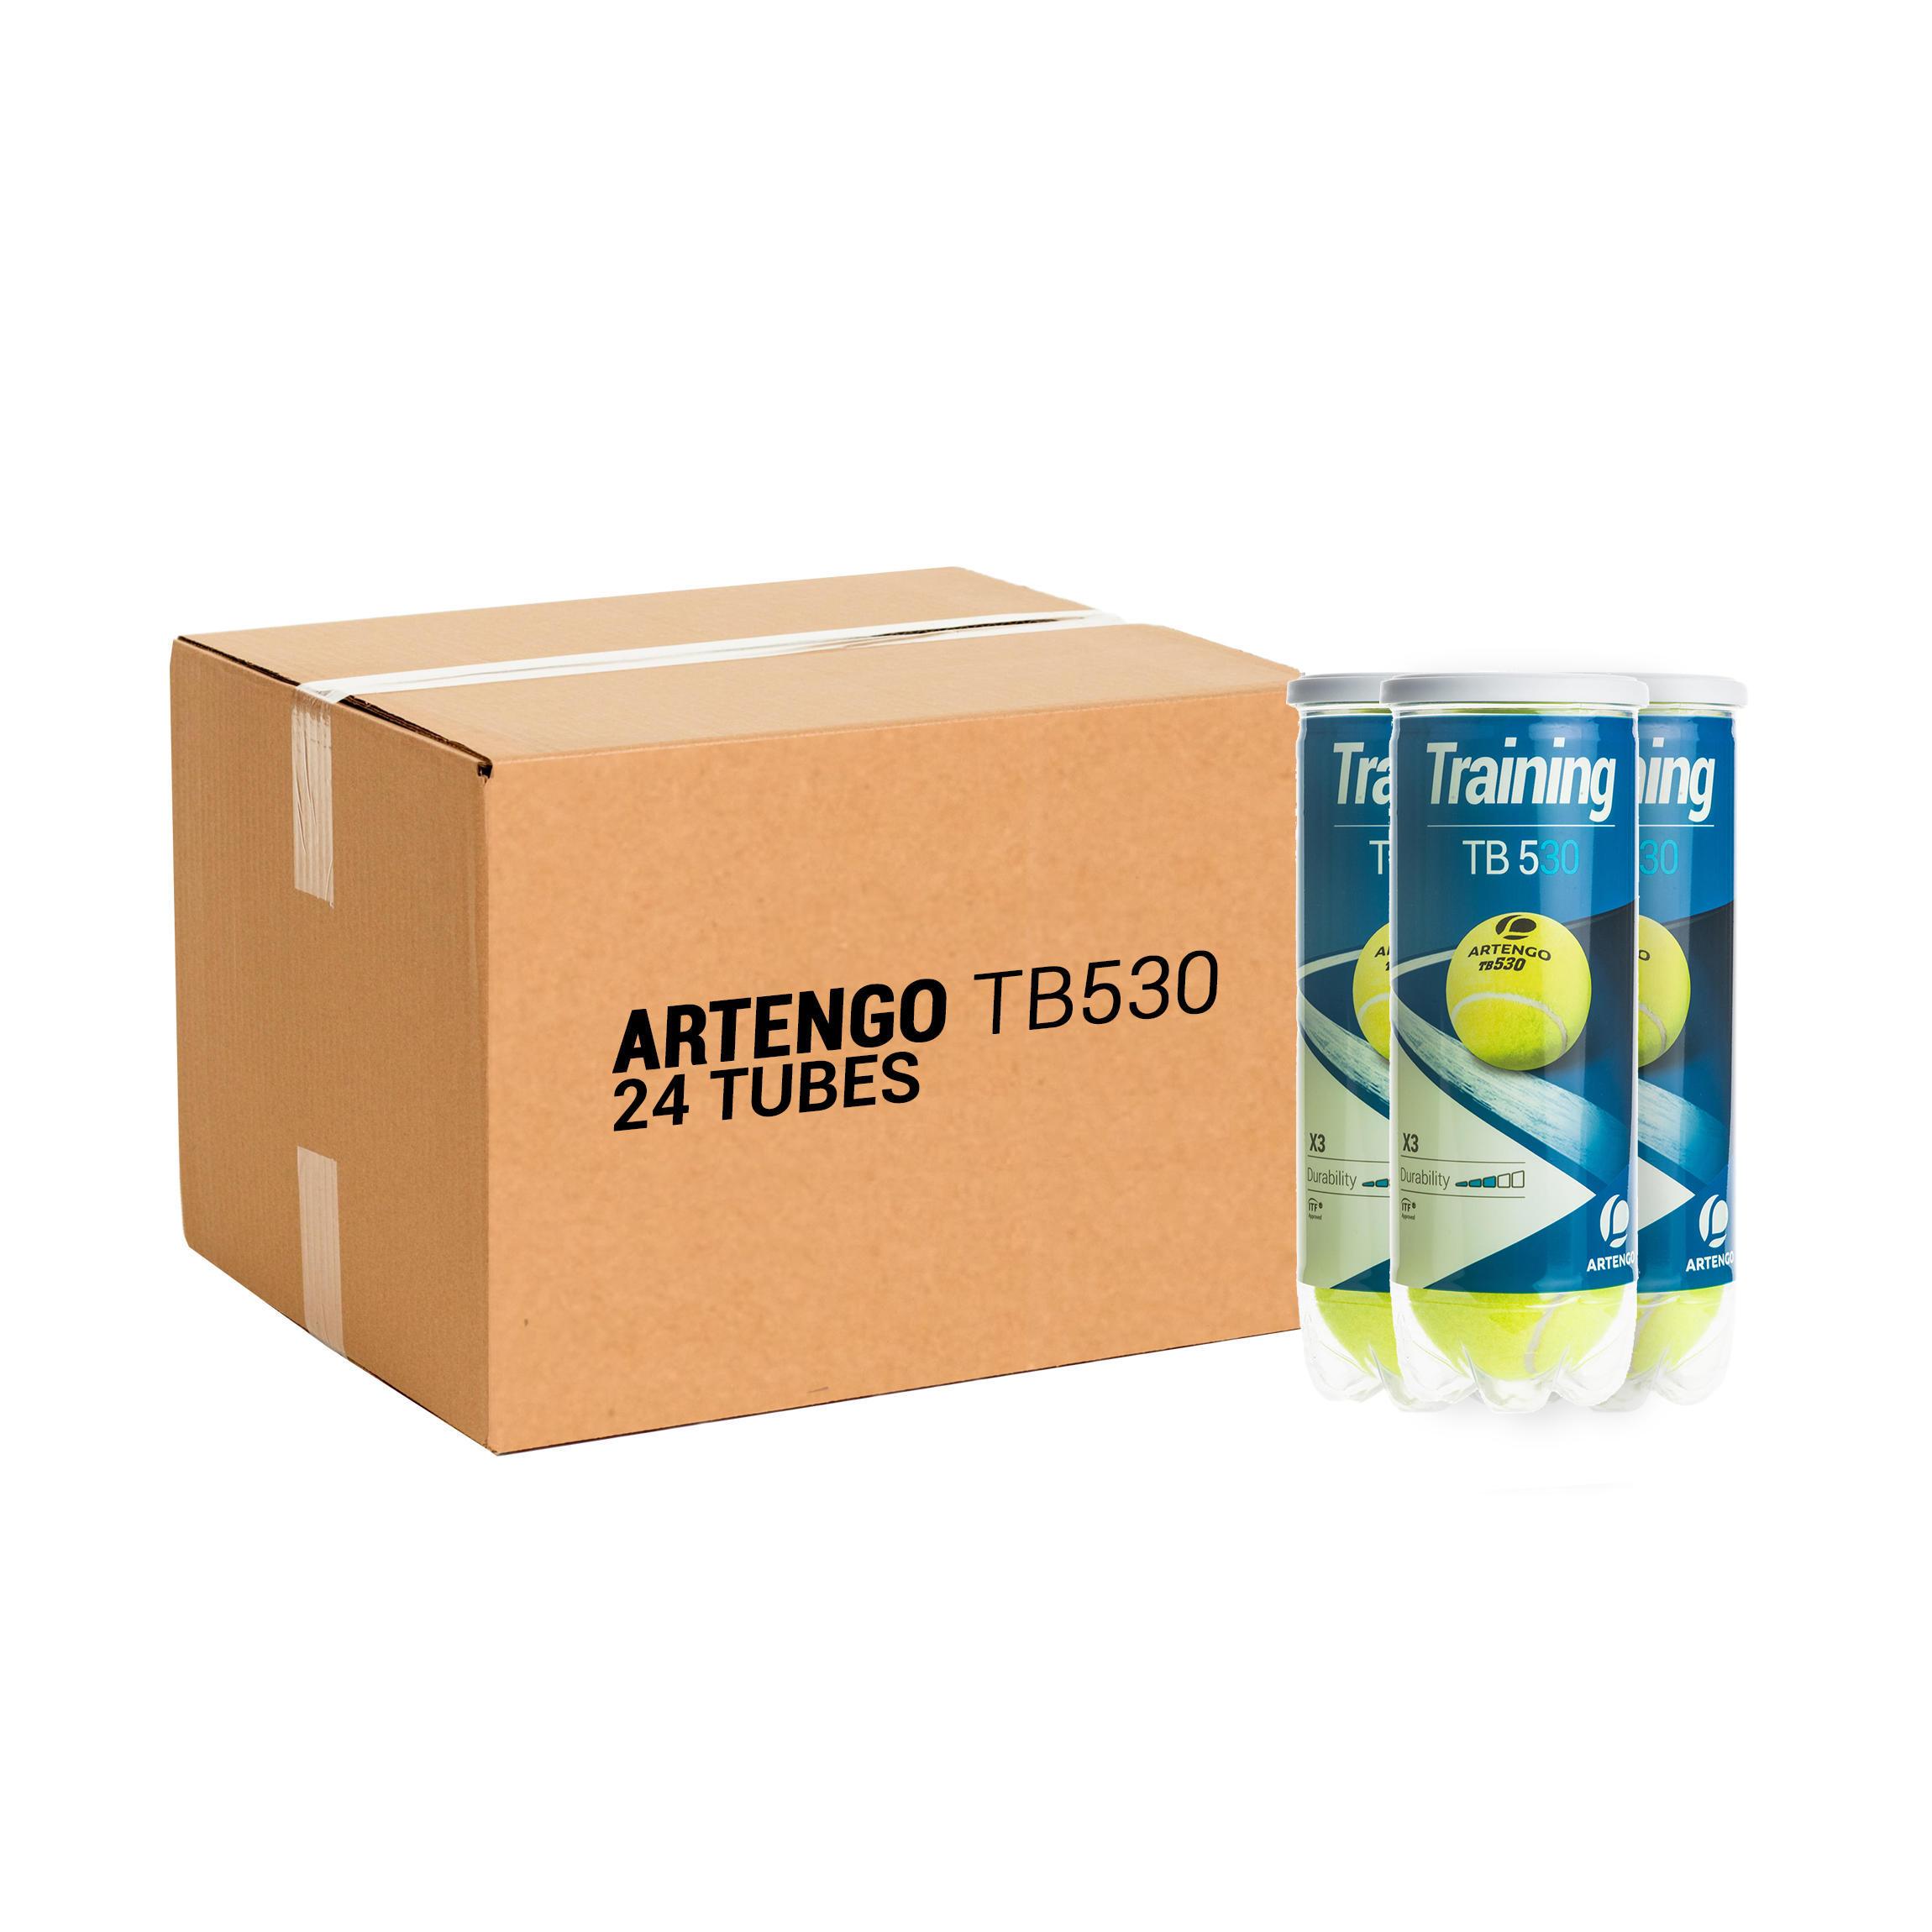 Artengo BALLE DE TENNIS TB530 *3 PACK *24 JAUNE - Artengo